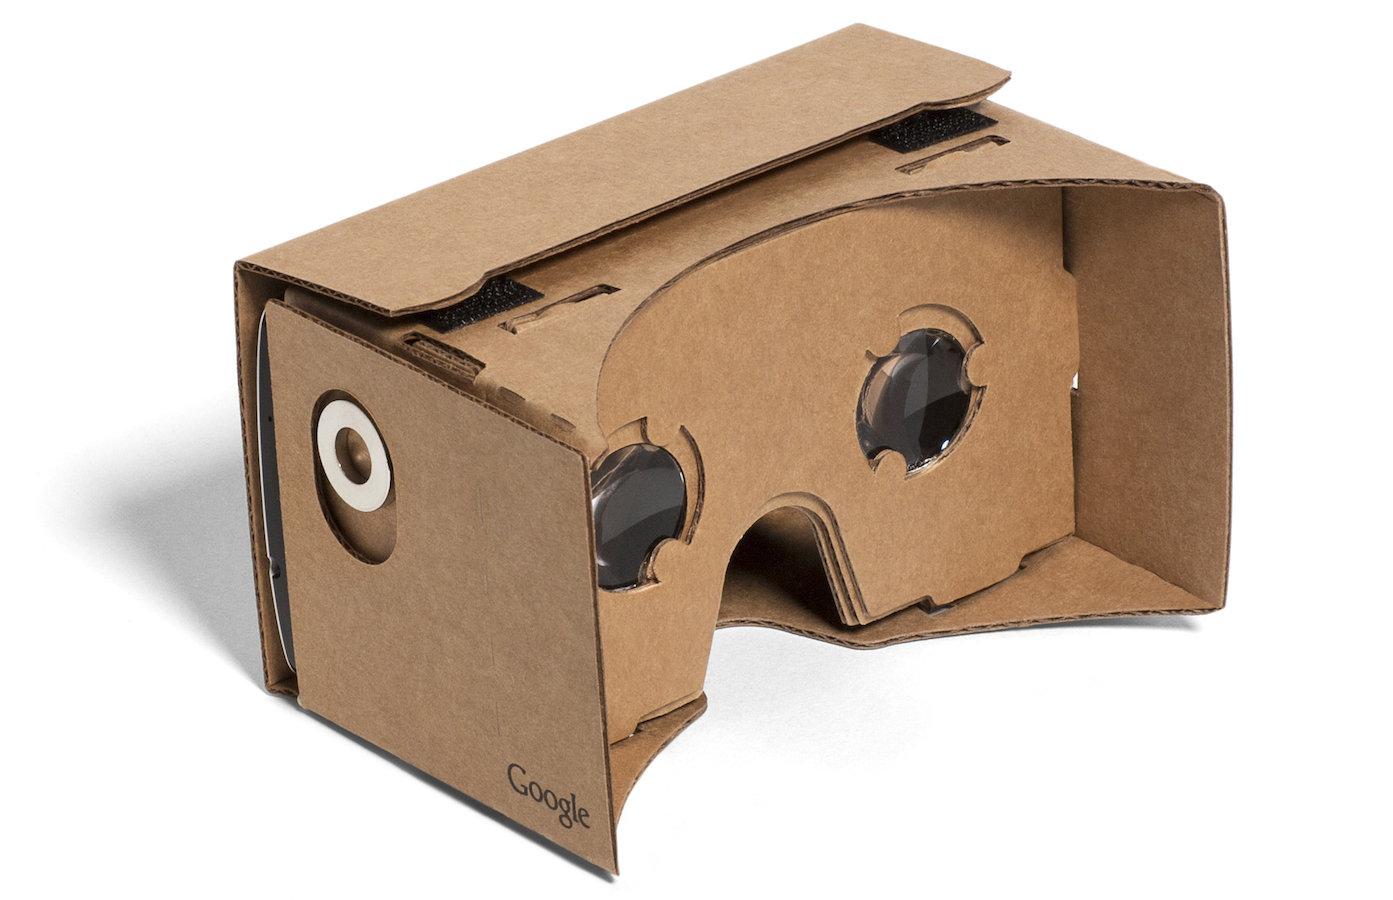 Google Cardboard VR-Brille